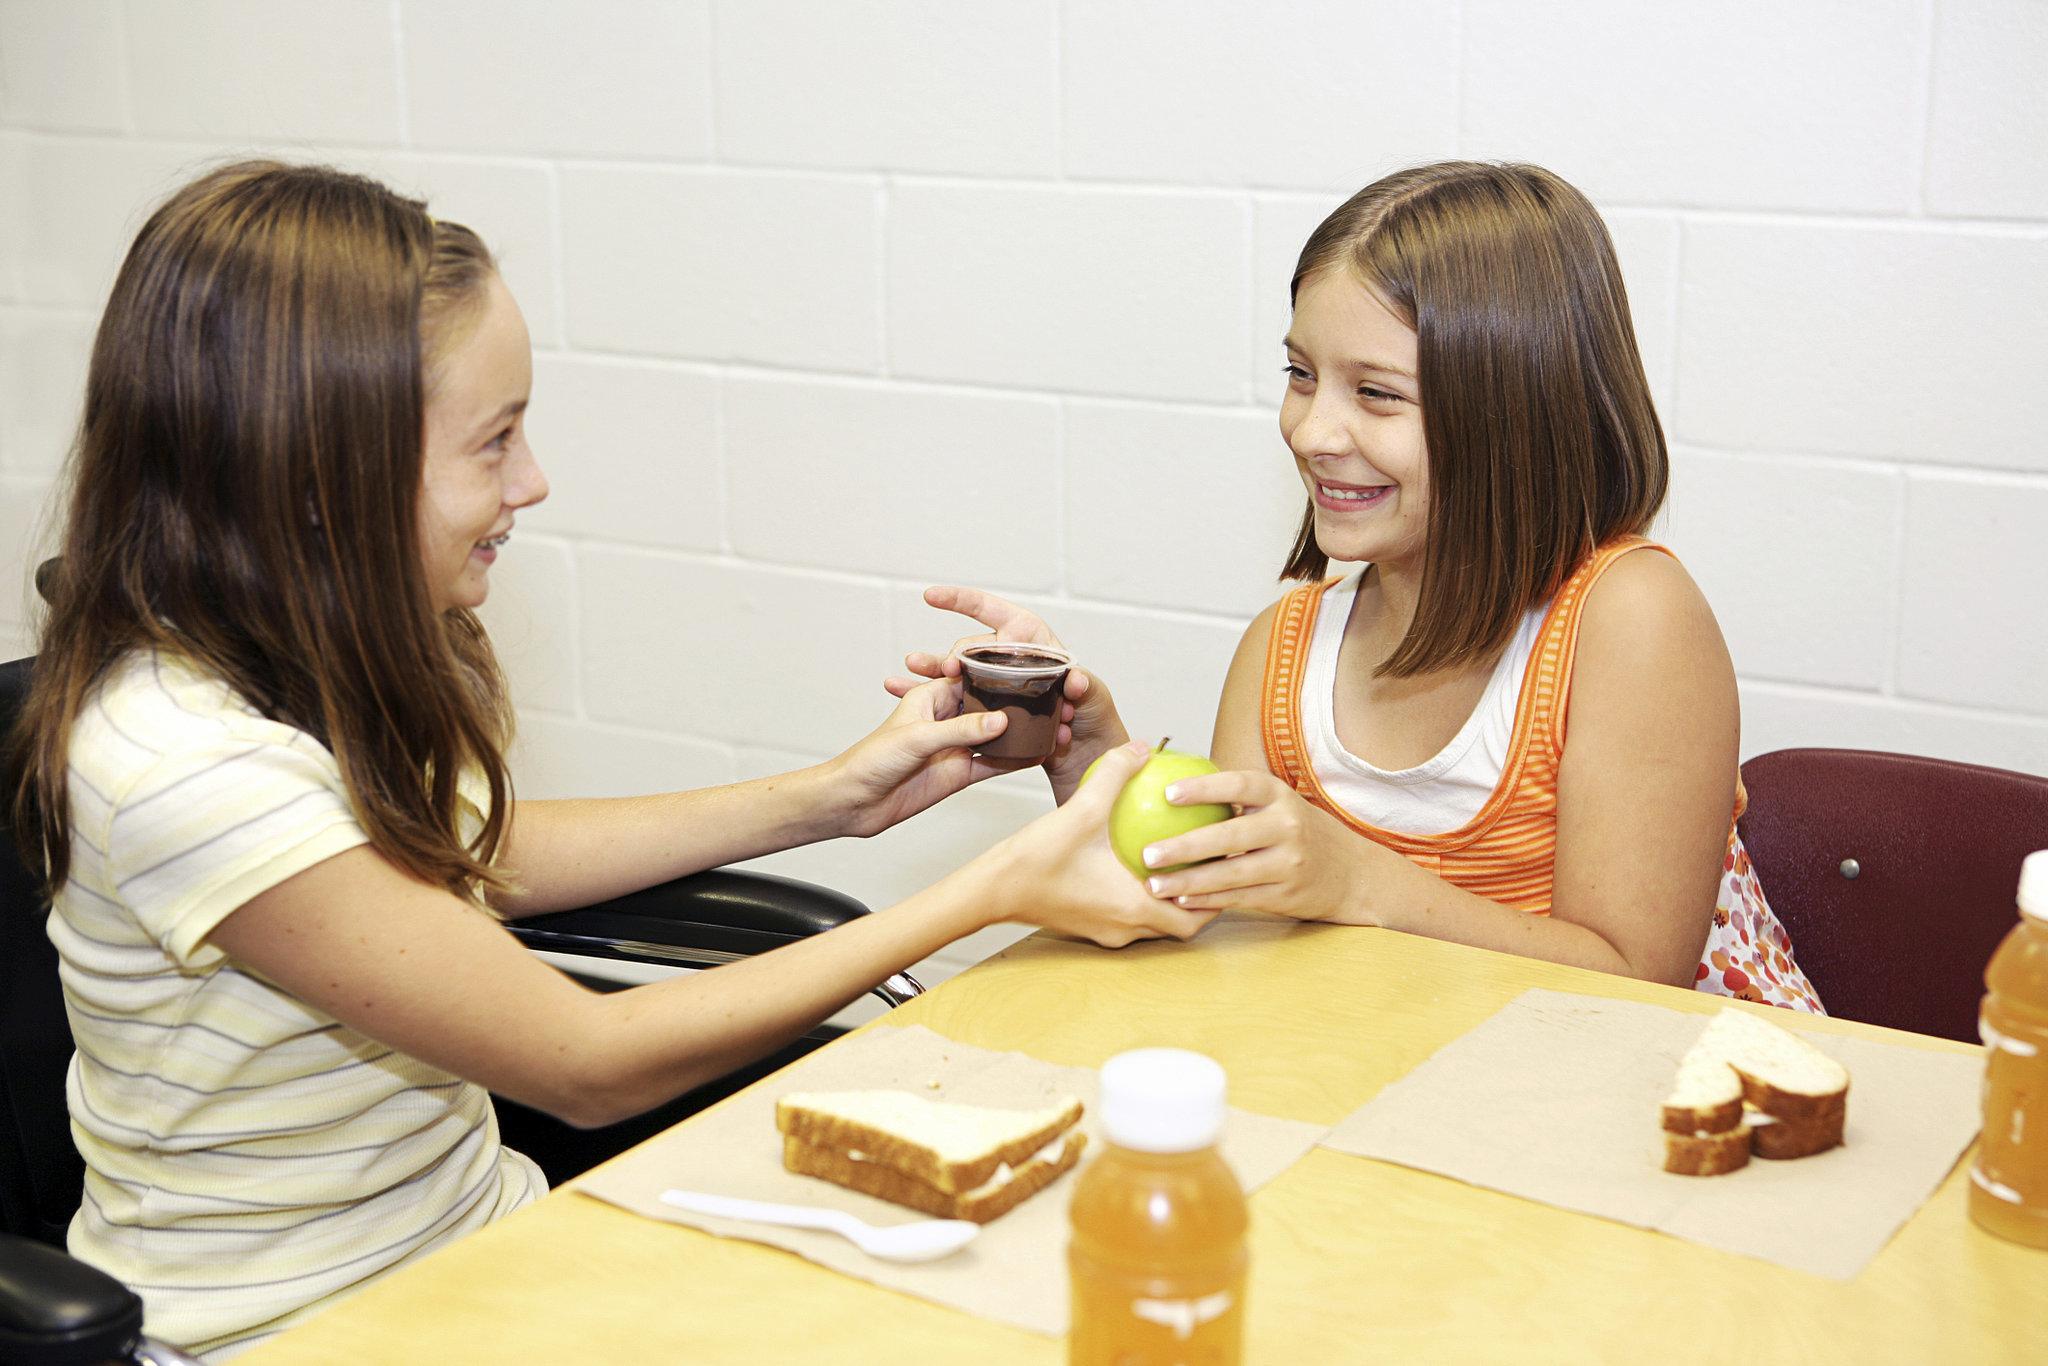 Student Punished For Sharing School Lunch | POPSUGAR Moms